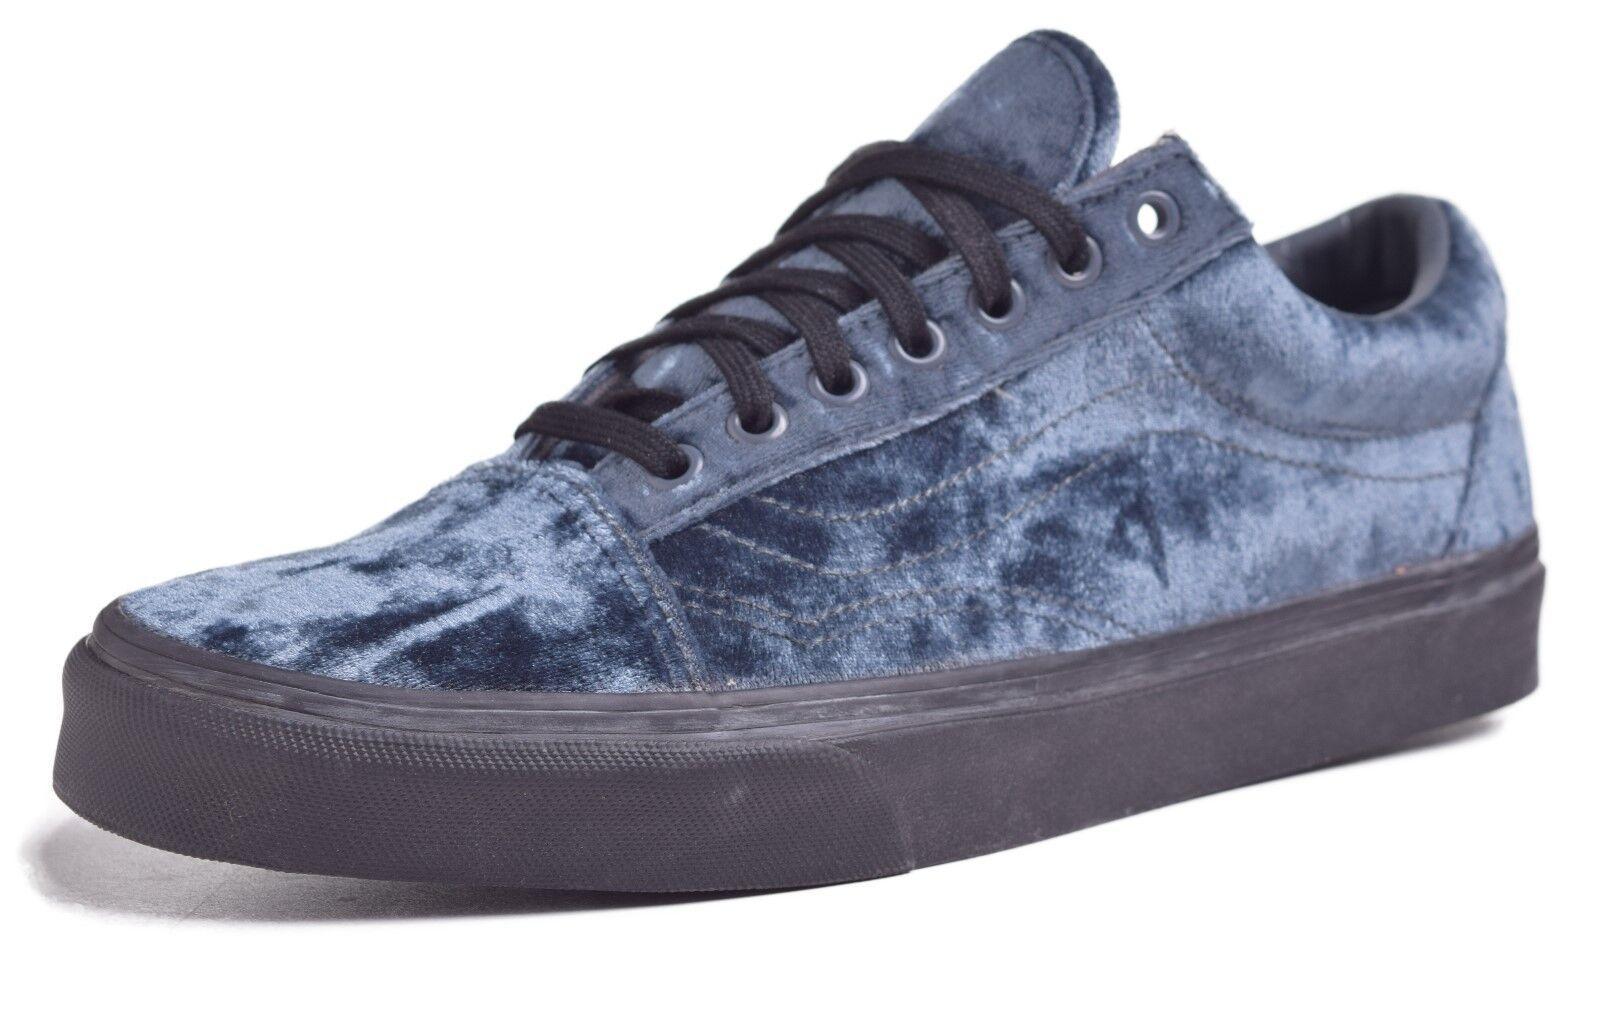 48249518830 VANS Old Skool Velvet Gray black Women s Skate Shoes Size 10 for ...